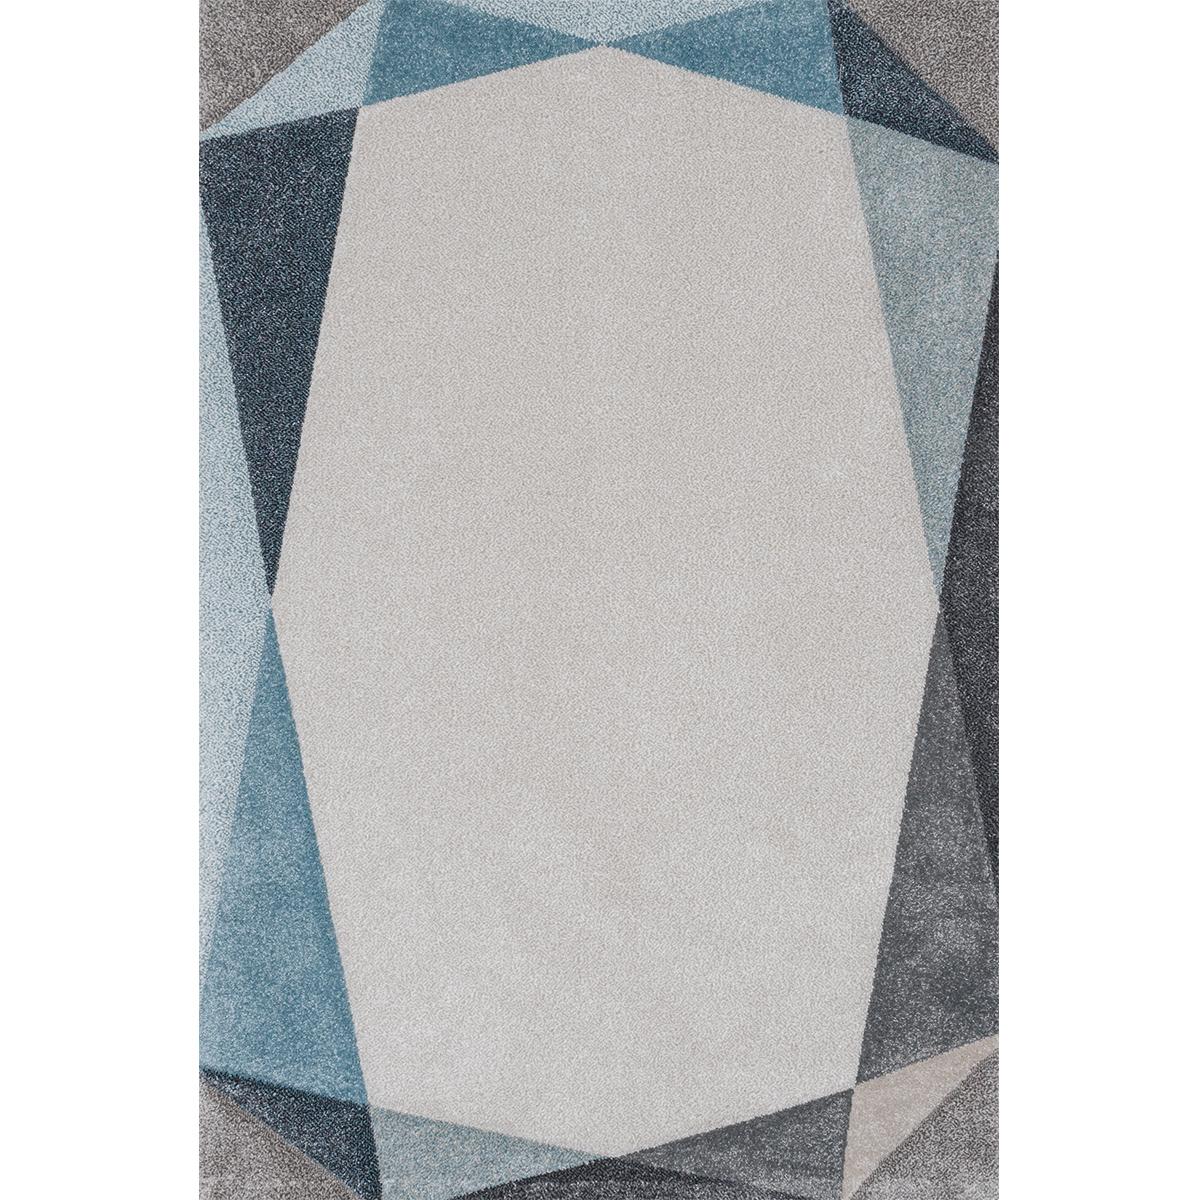 Килим Вегас хоум сини триъгълници беж